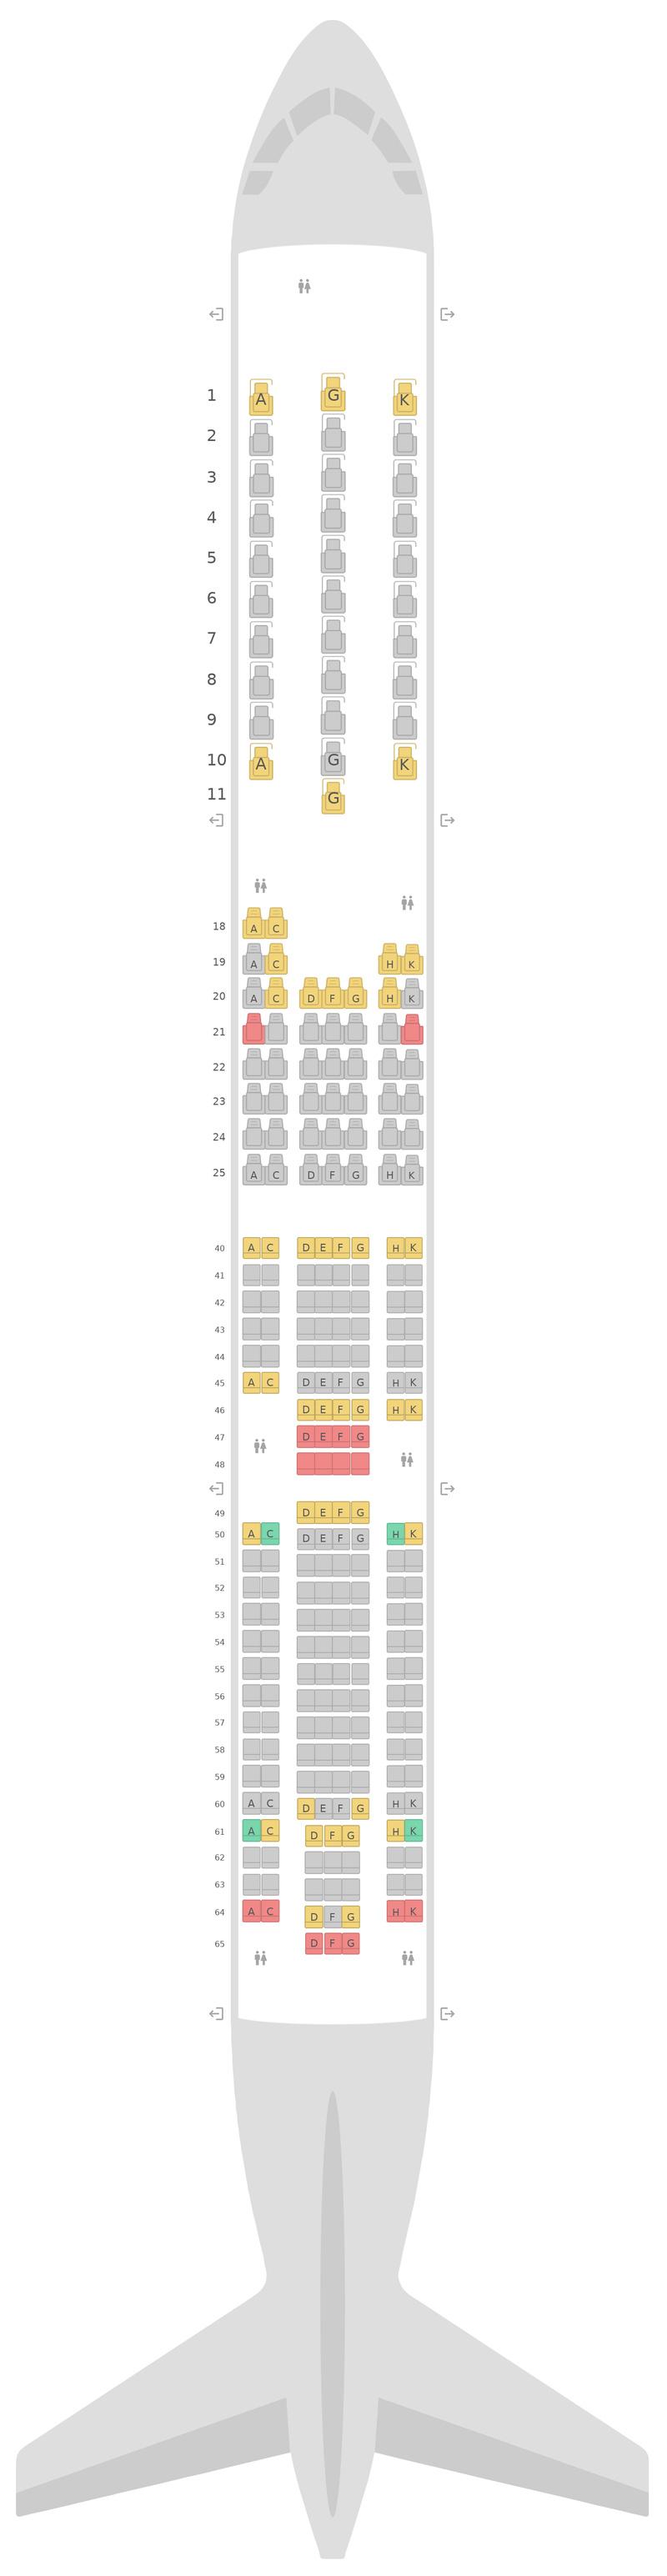 Seat Map Virgin Atlantic Airbus A330-300 (333)